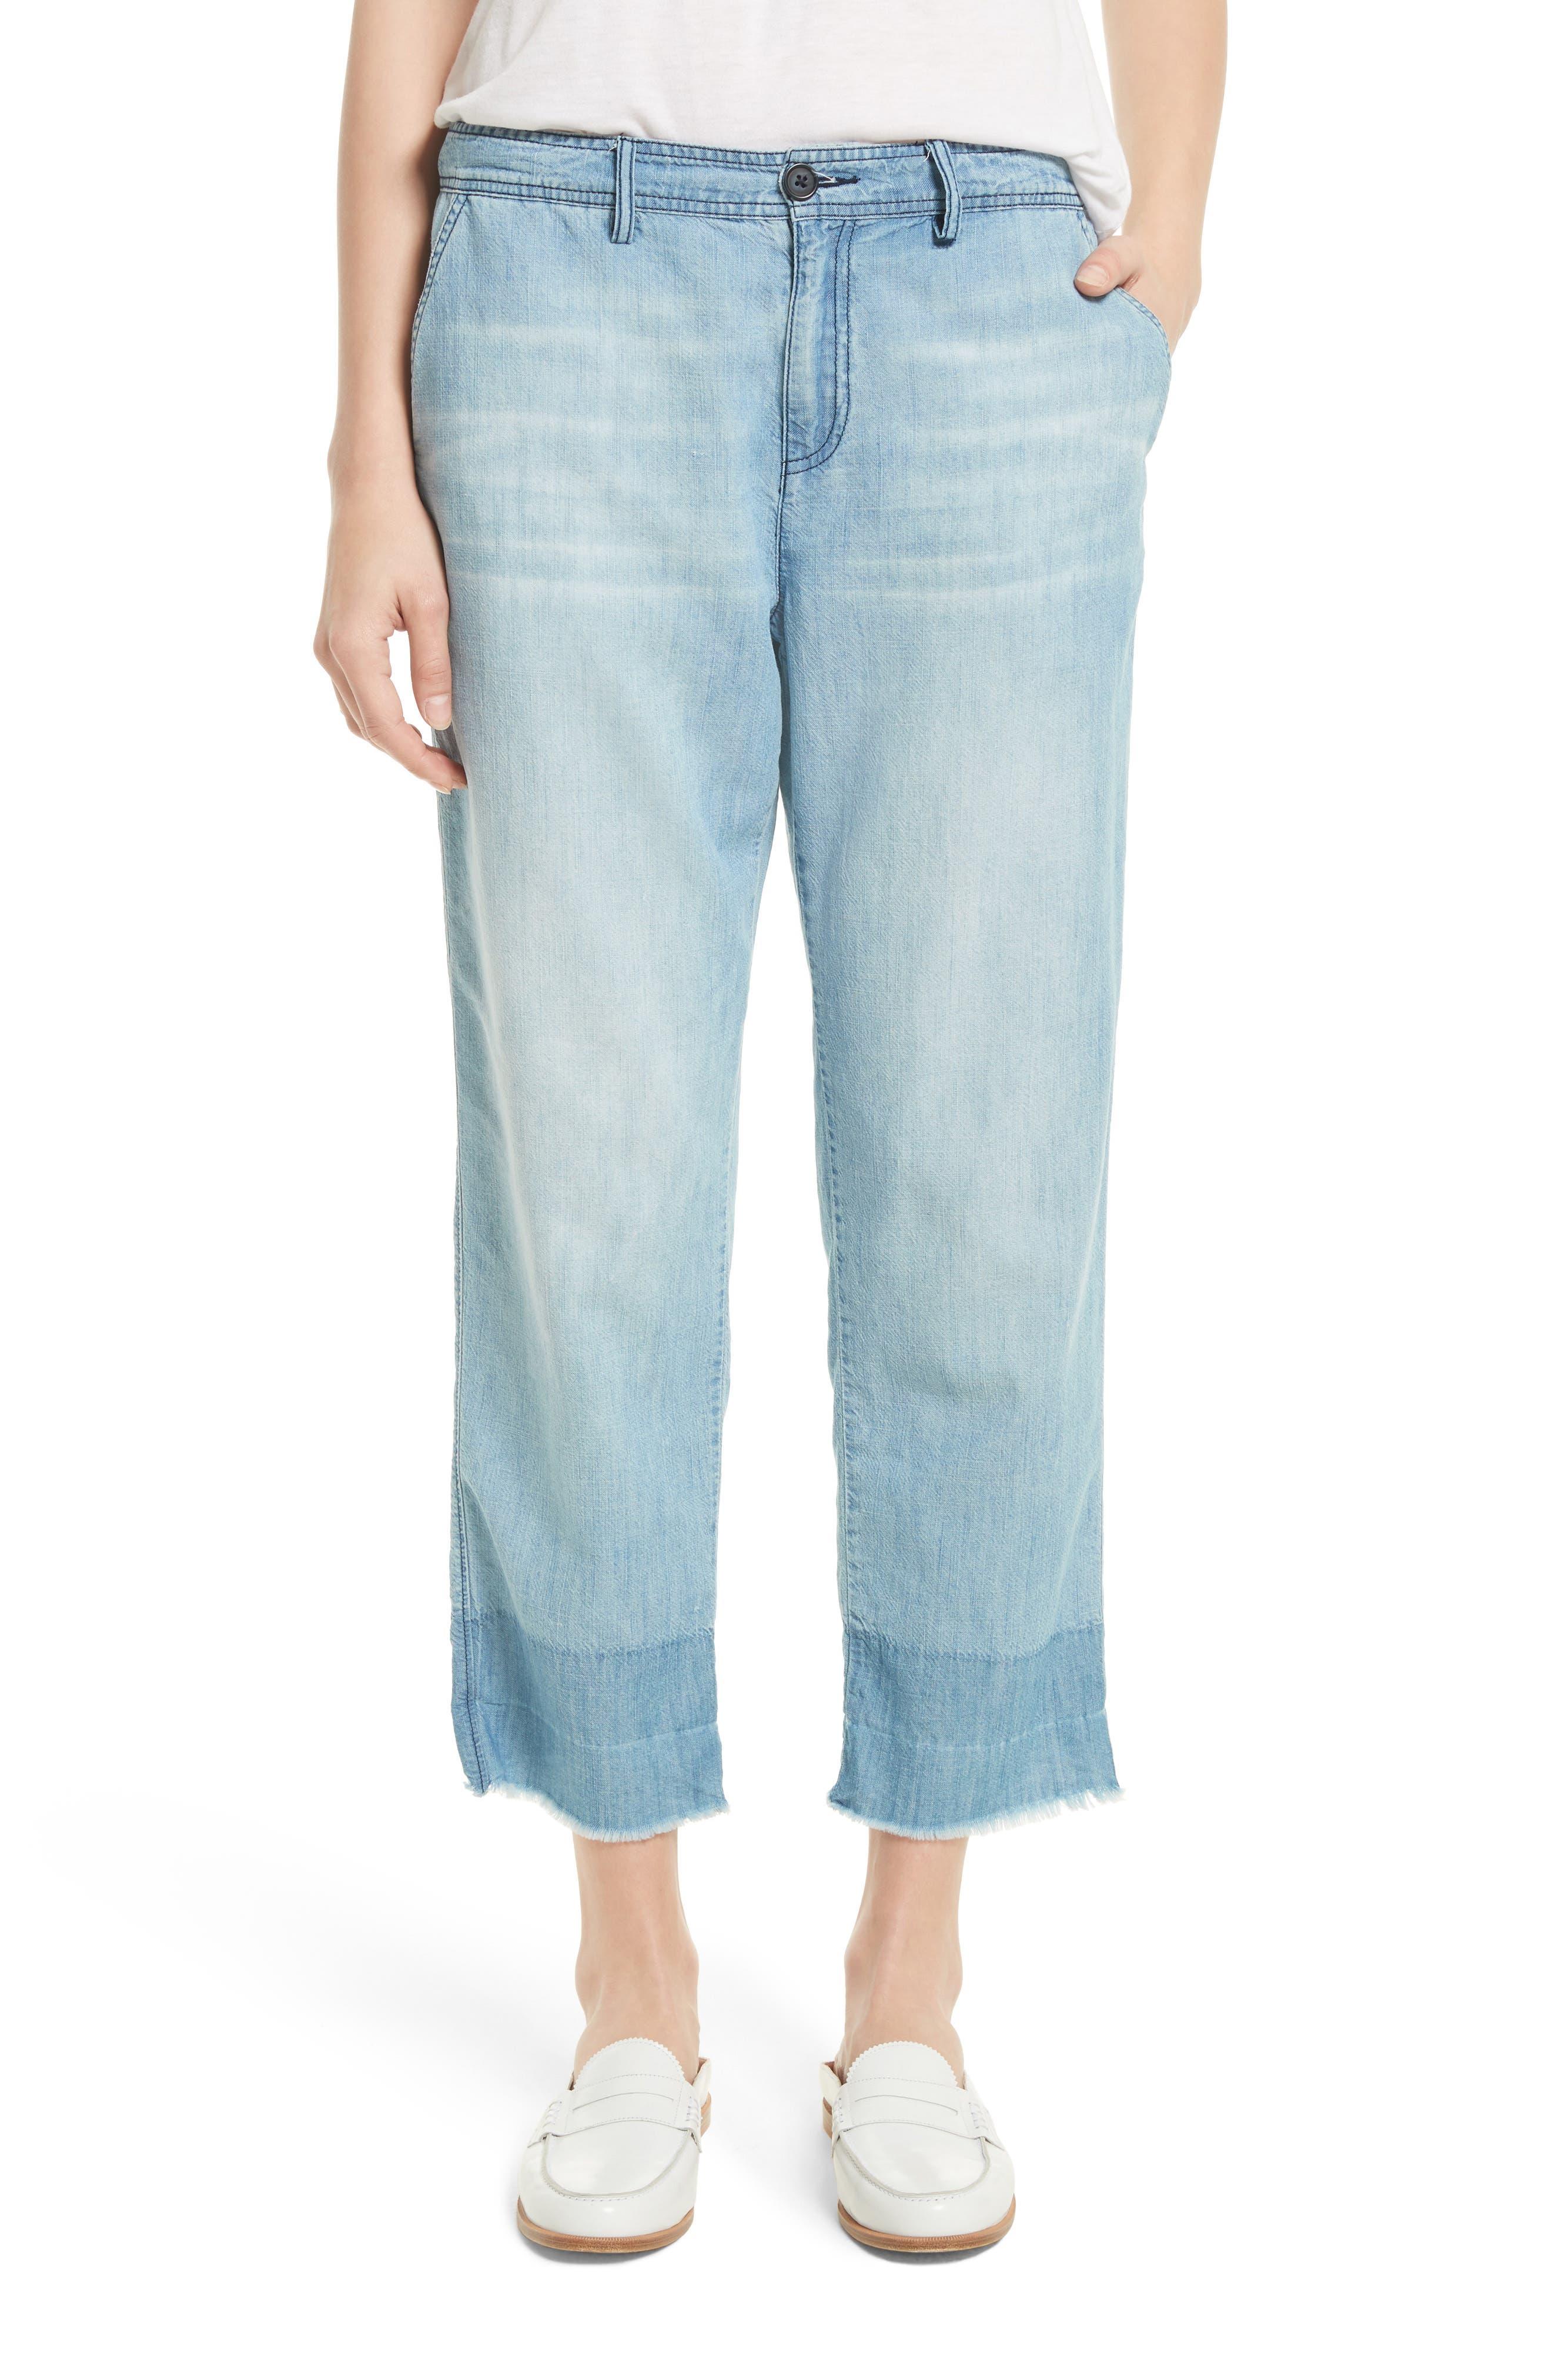 Marinne Crop Chambray Pants,                         Main,                         color, Vintage Chambray